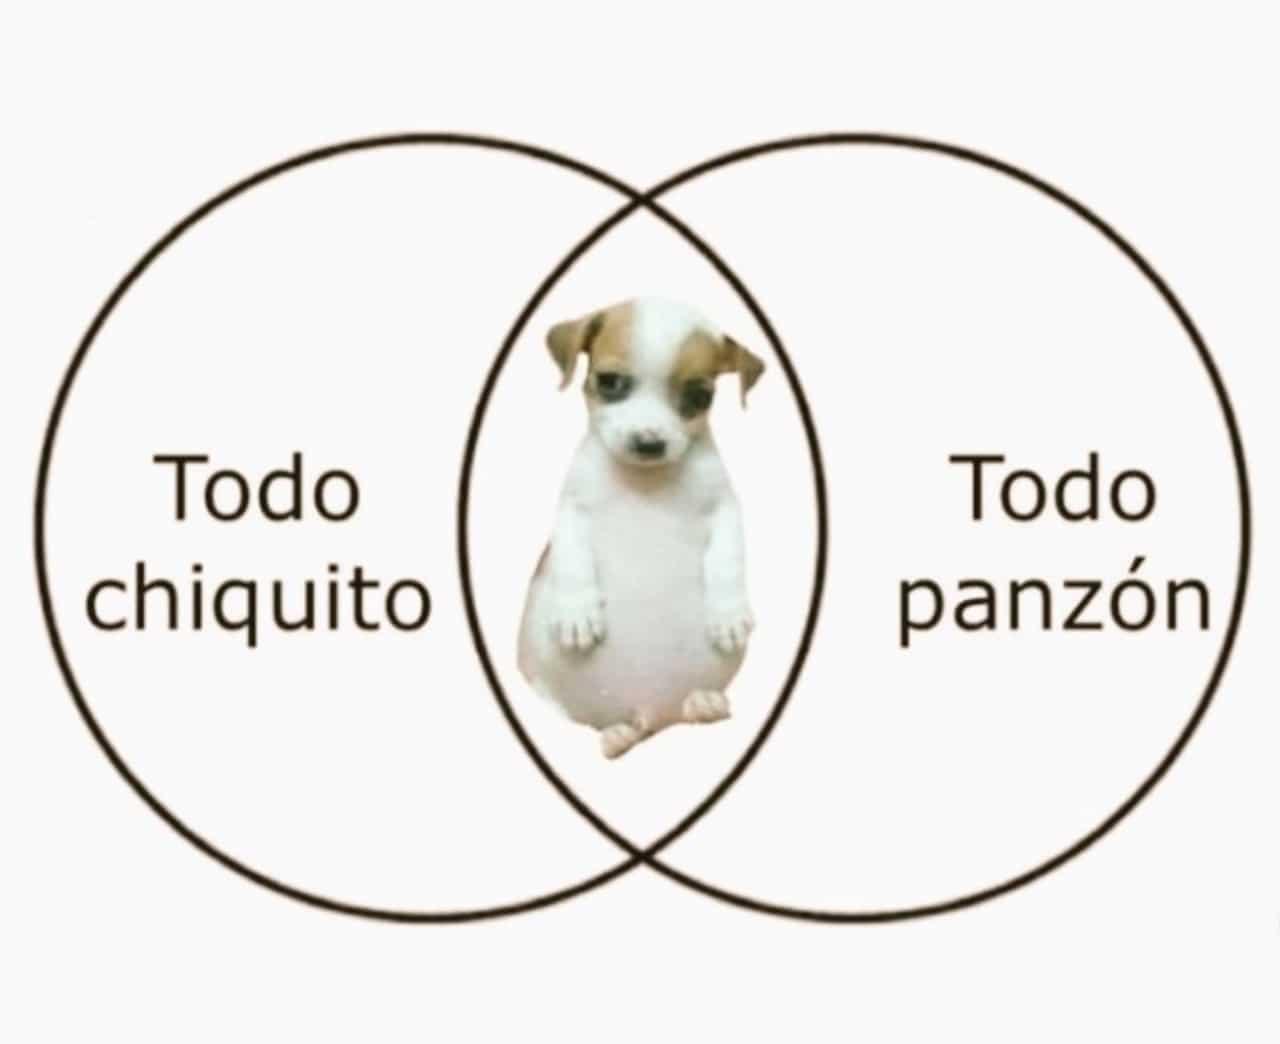 meme del perrito panson